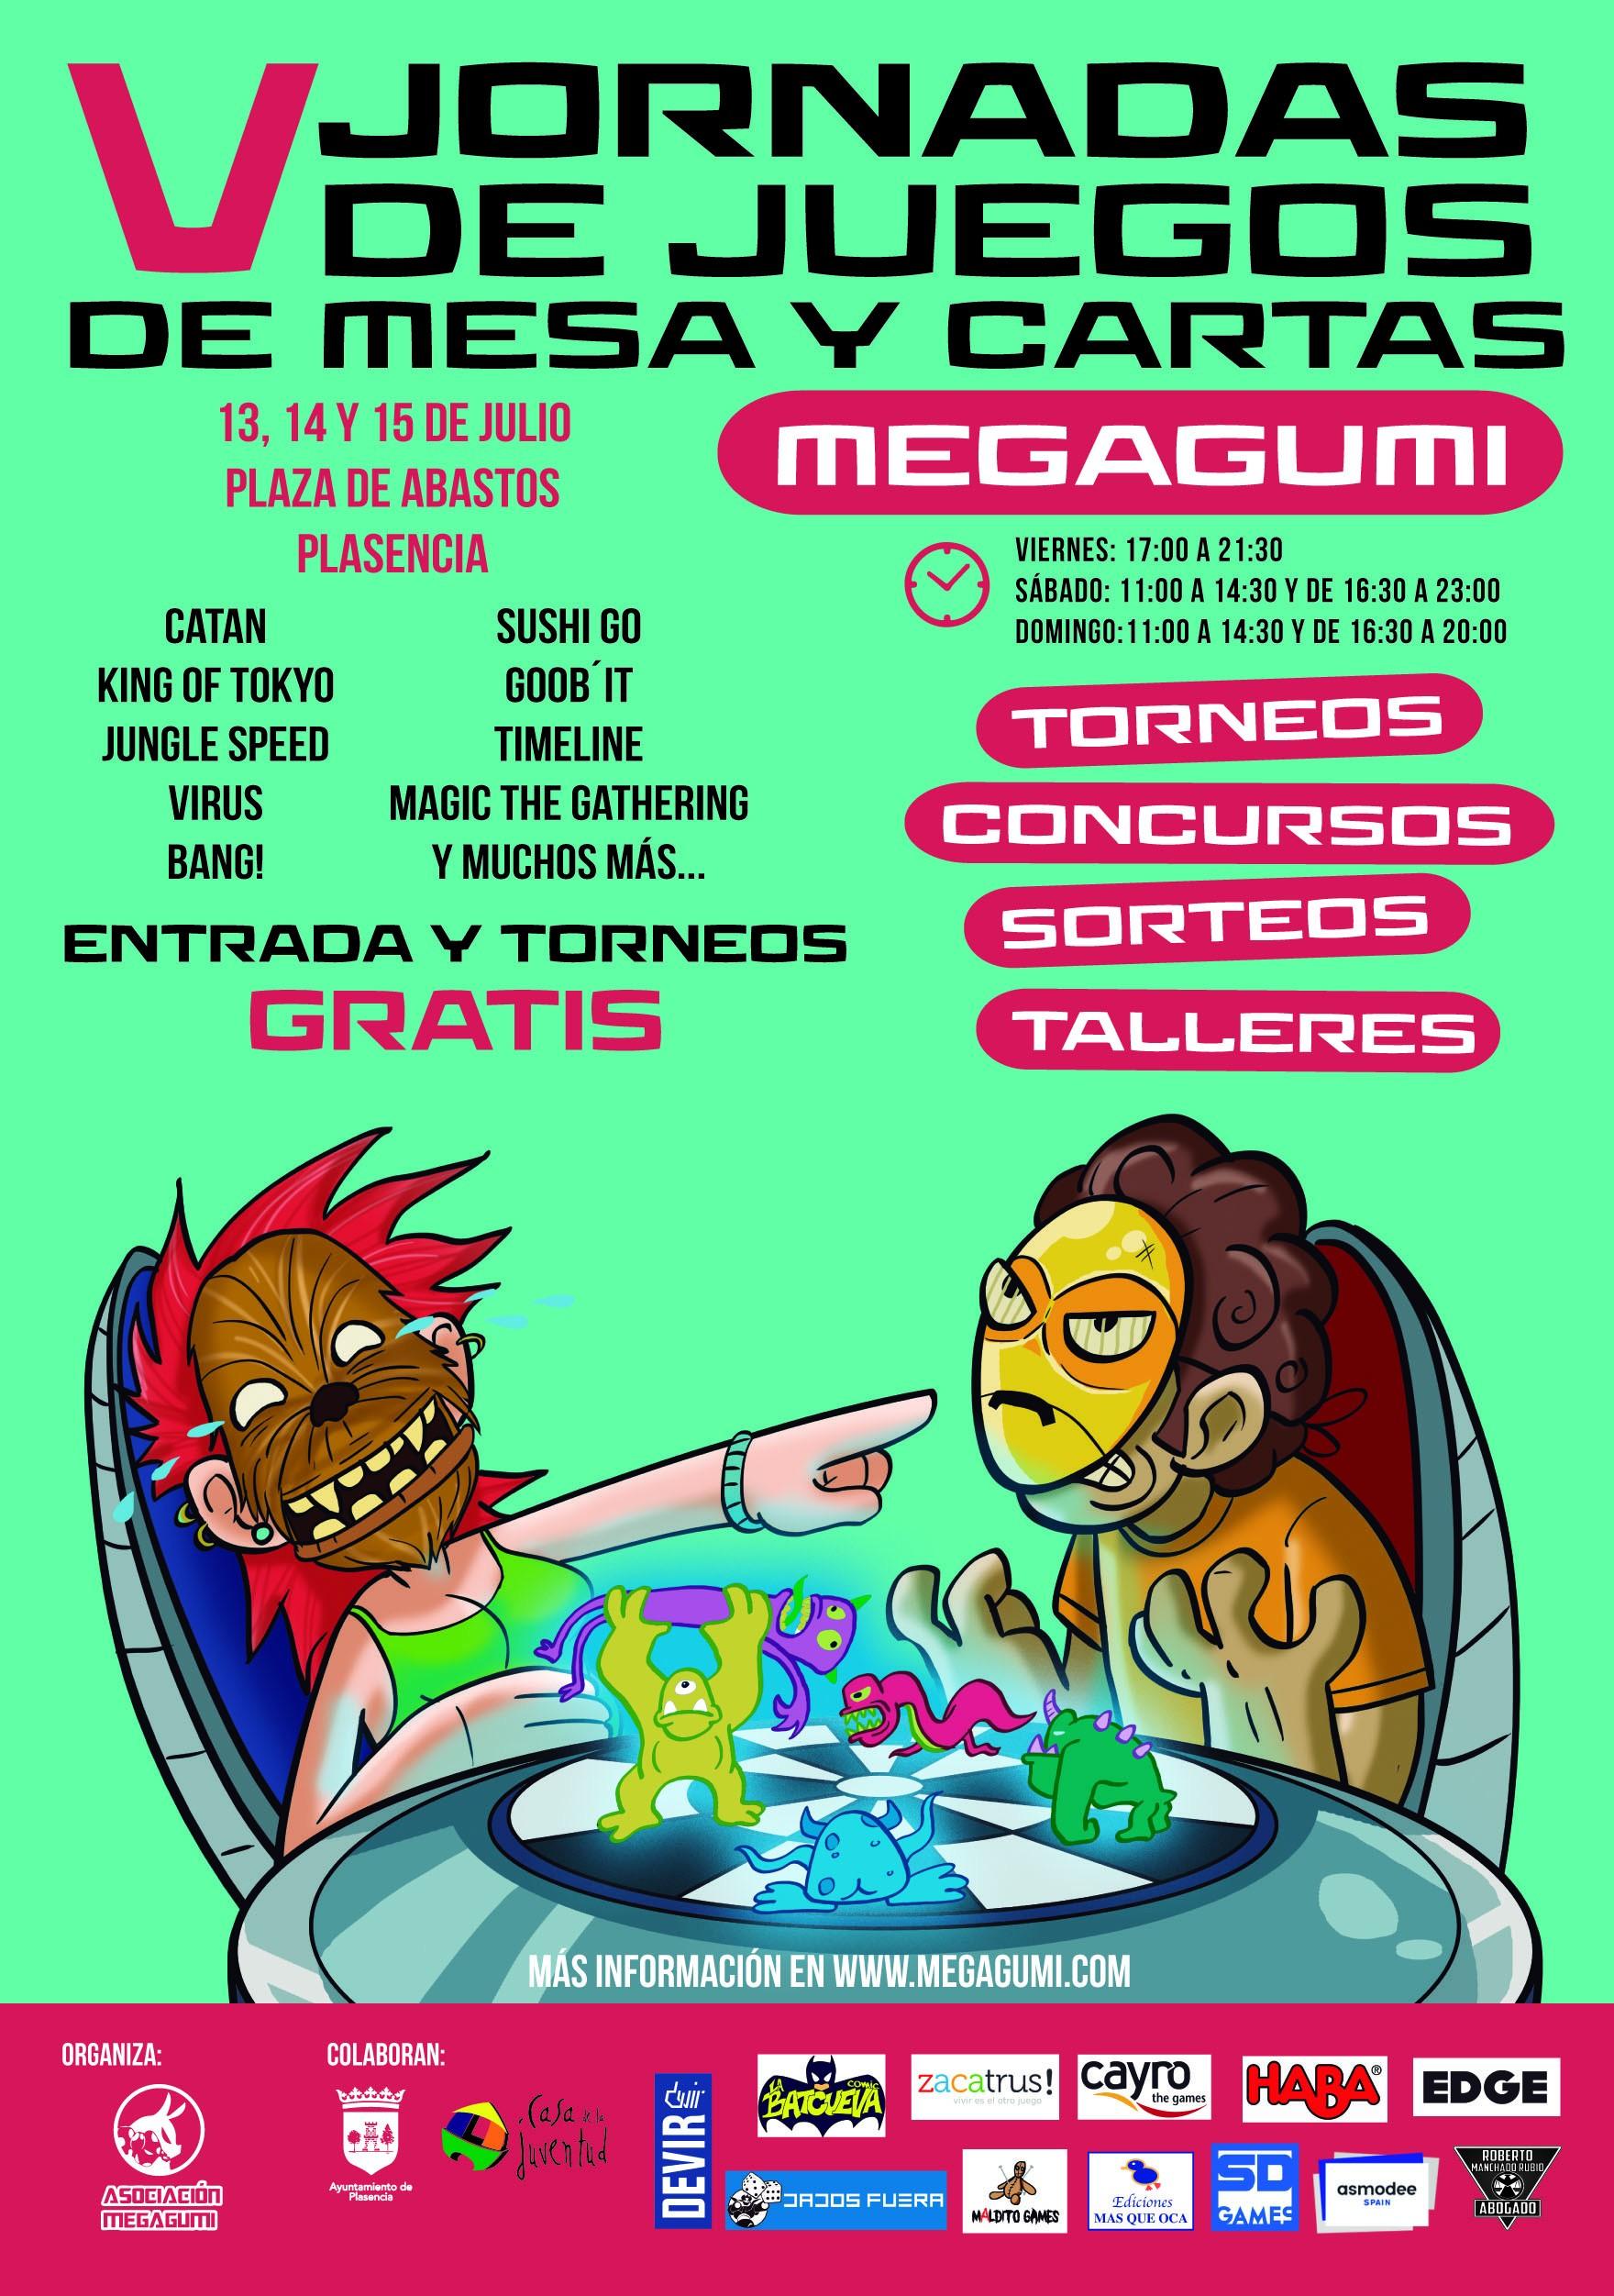 Jornada juego mesa y cartas Megagumi